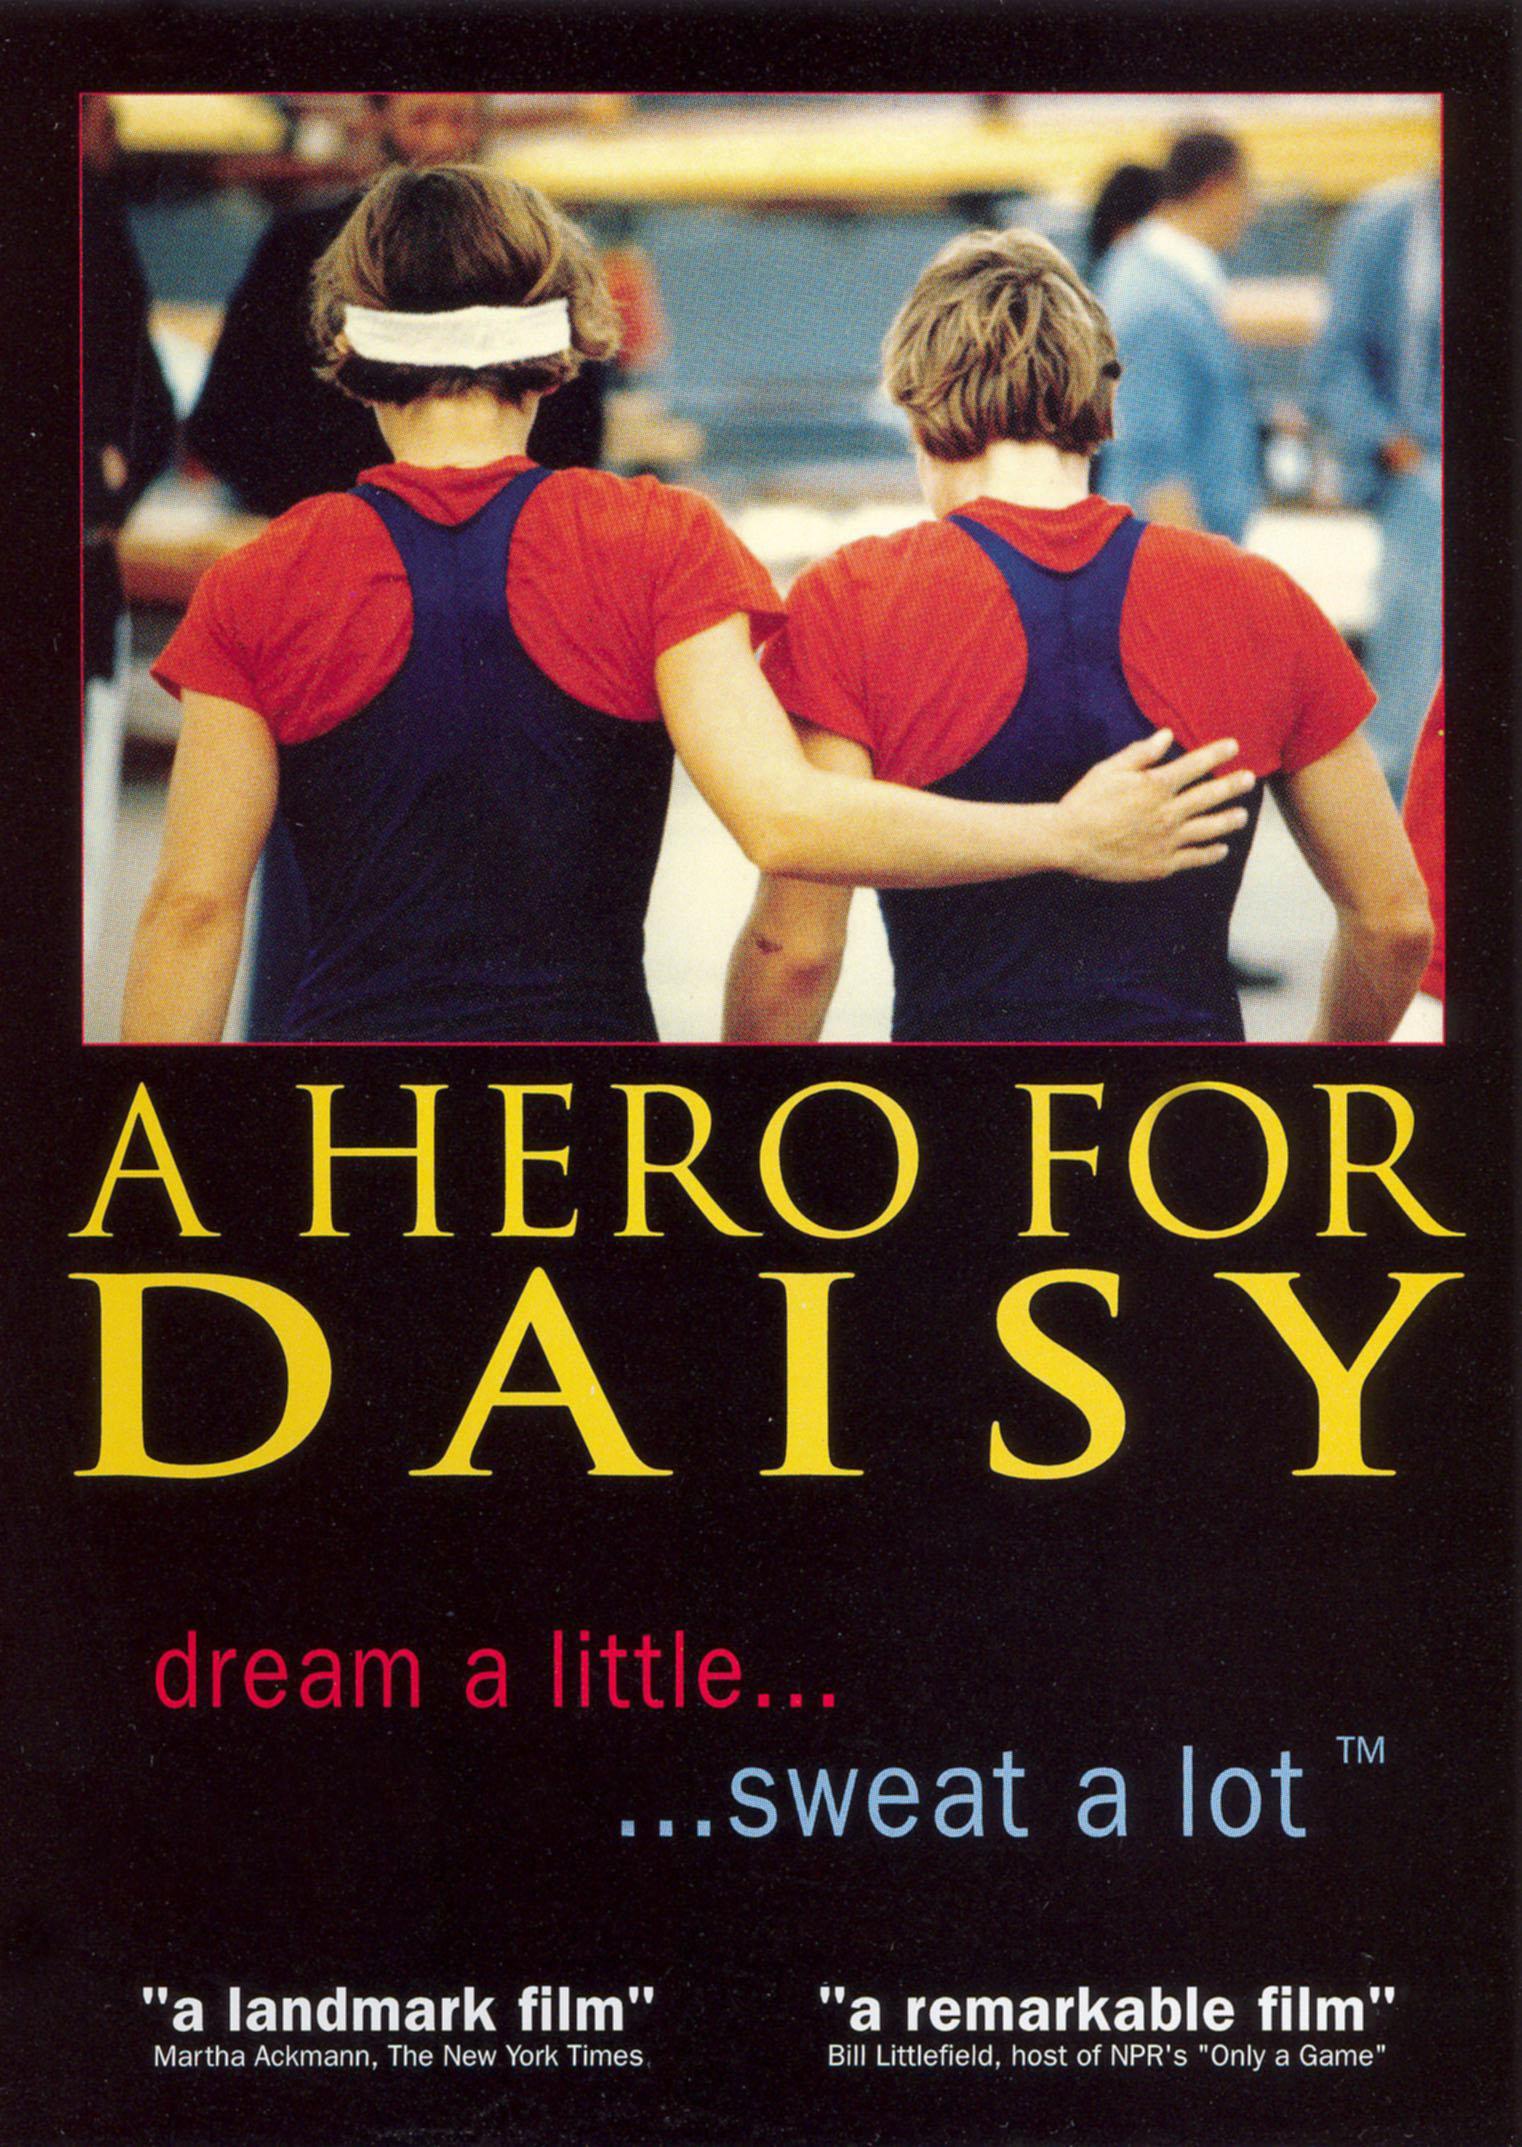 A Hero for Daisy